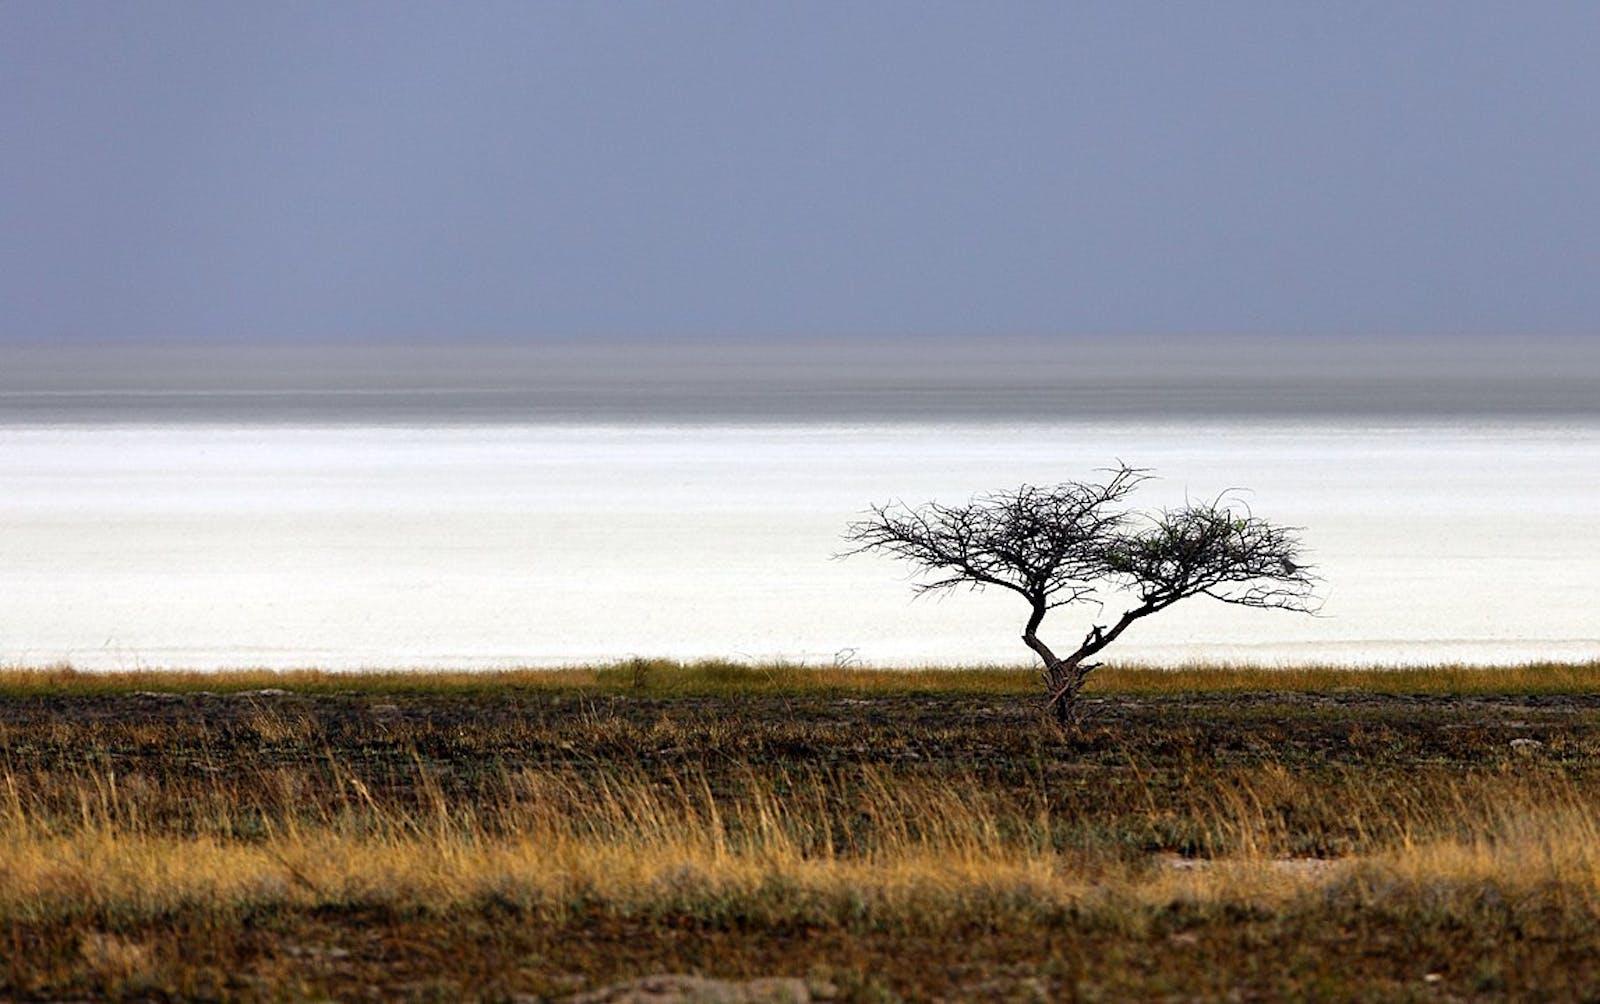 Kaokoveld Desert